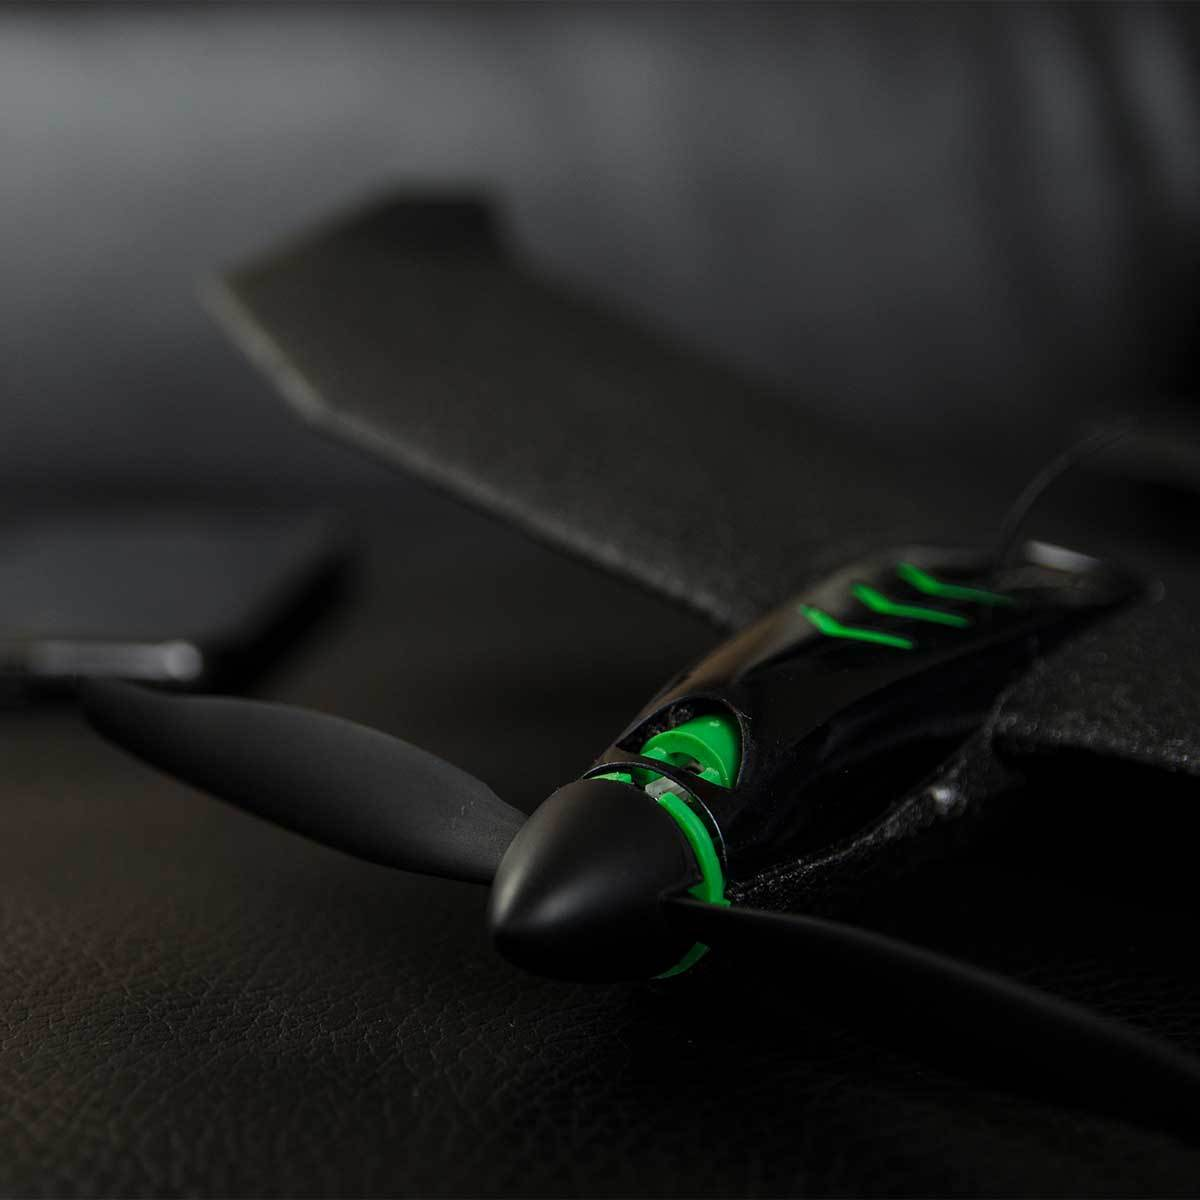 飛んでけ!みんなが笑顔になる『未来の紙飛行機』|スマホでカンタン操作、秒速9.7mの本格ドローン